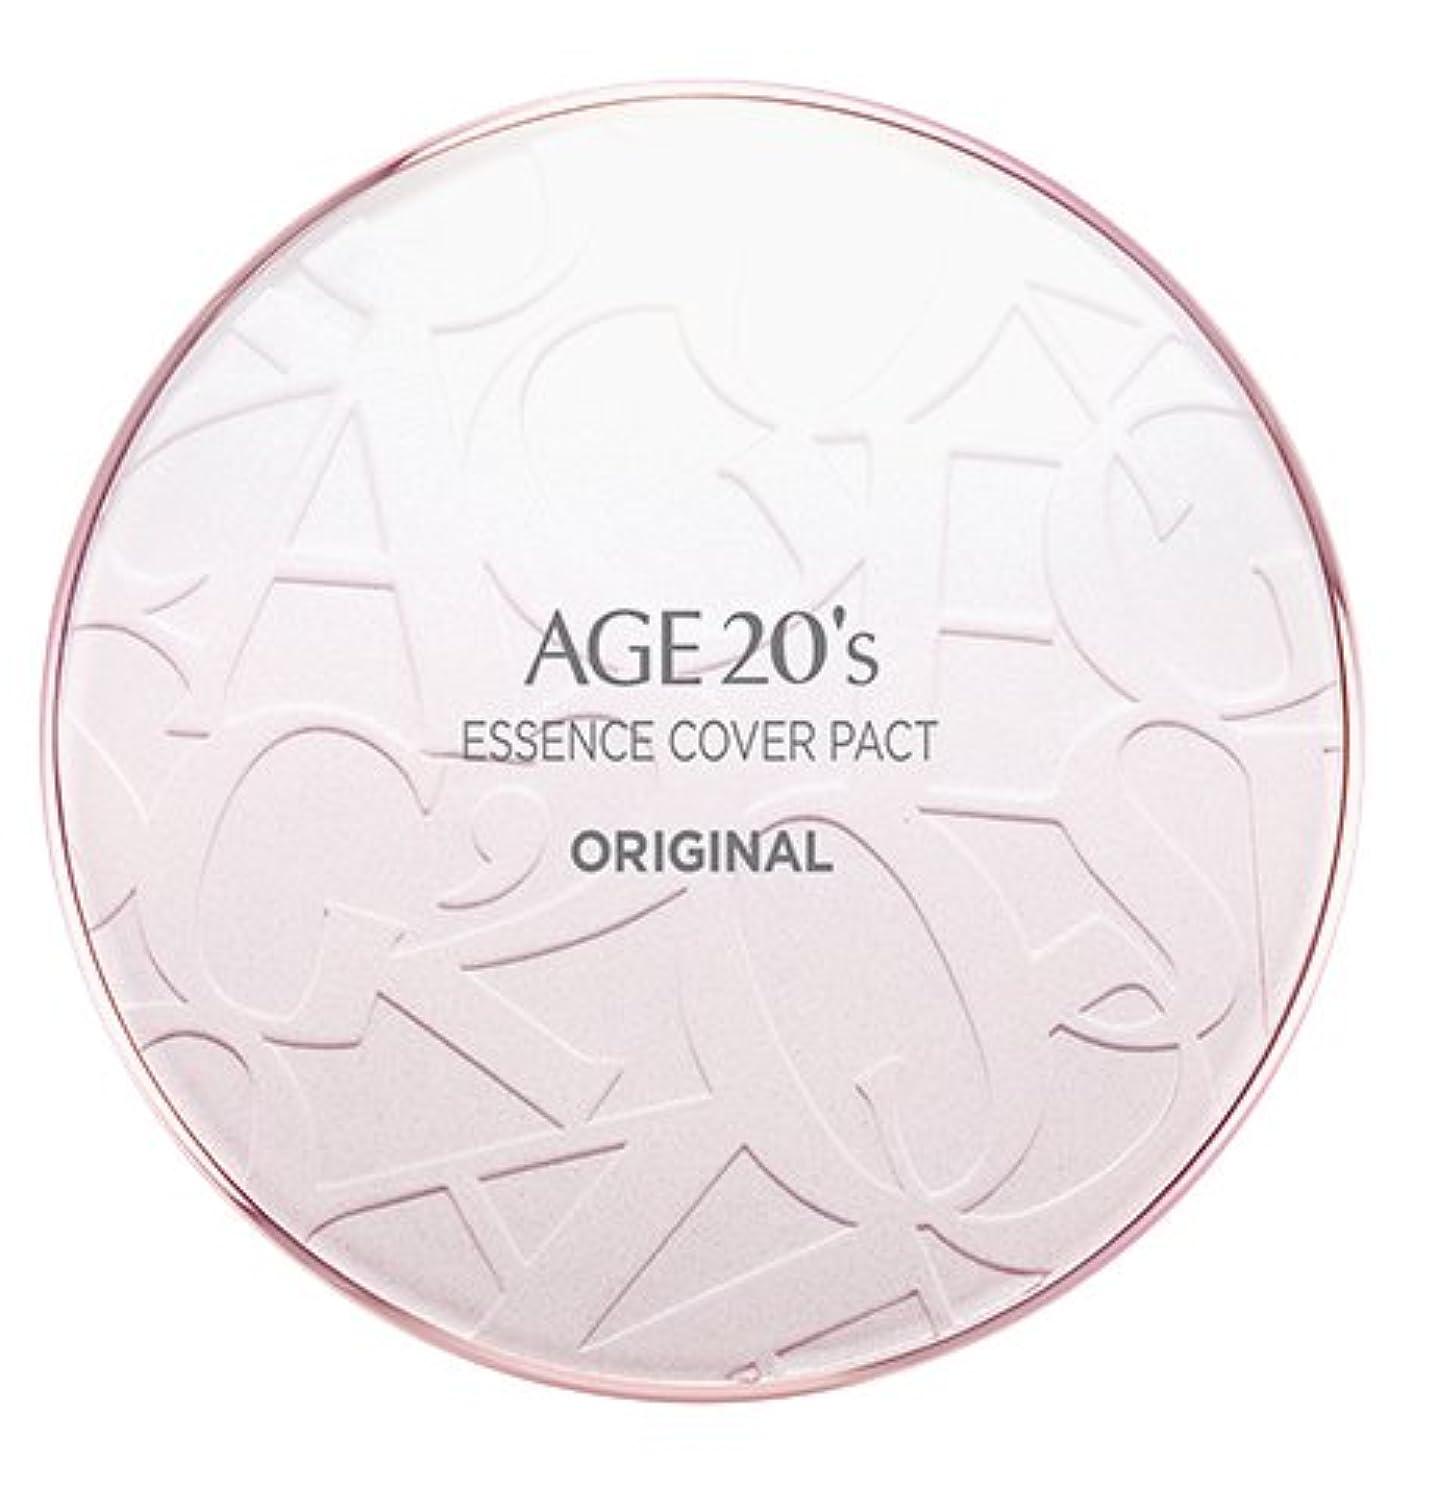 宮殿パウダー待つAGE 20's Essence Cover Pact Original [Pink Latte] 12.5g + Refill 12.5g (#21)/エイジ 20's エッセンス カバー パクト オリジナル [ピンクラテ] 12.5g + リフィル 12.5g (#21) [並行輸入品]